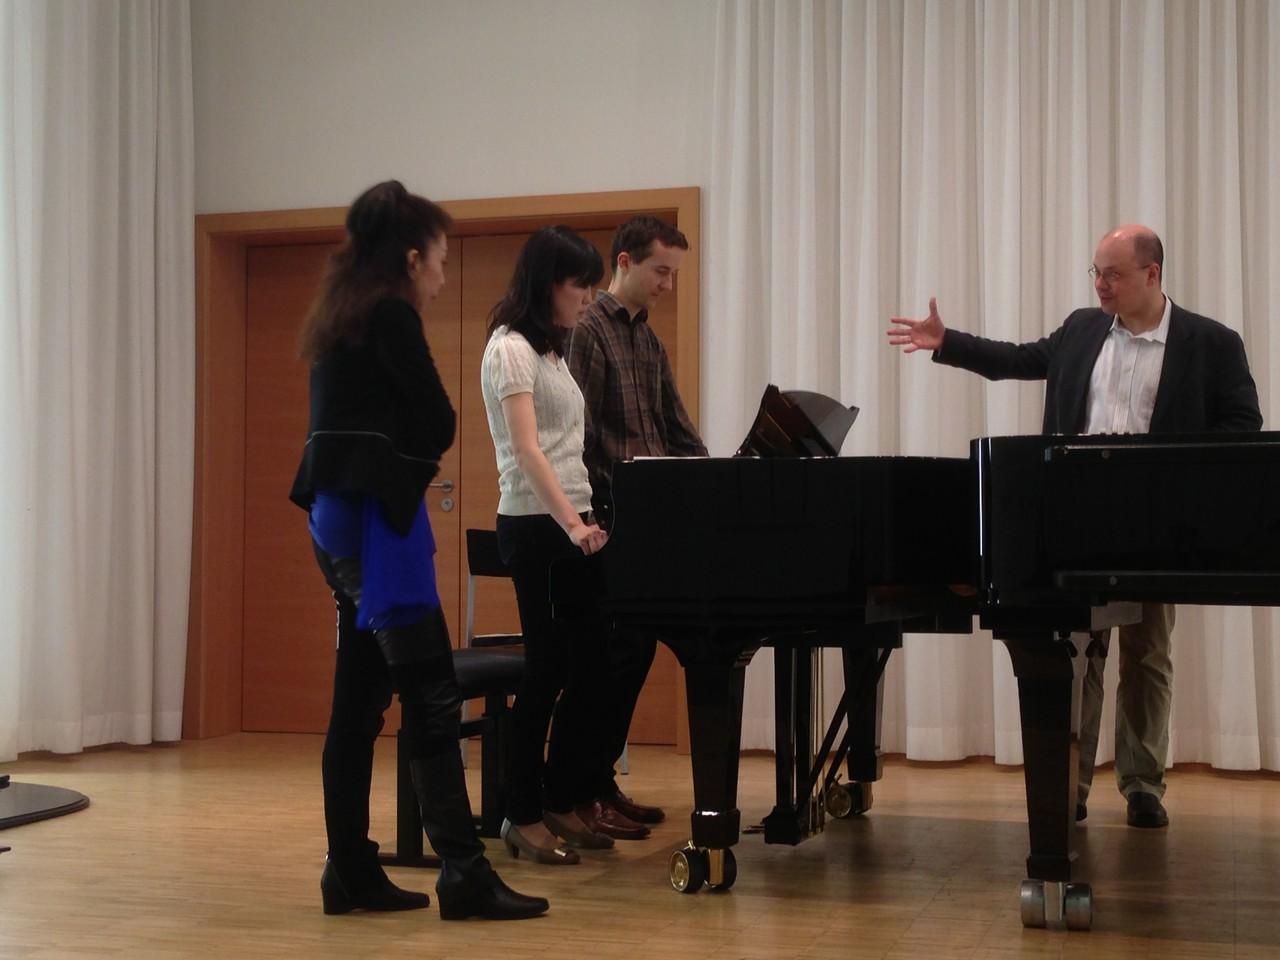 ドイツ ヴュルツブルグ音楽大学にて ピアニスト 廻由美子氏と マスタークラス 2013 (Foto:privat)